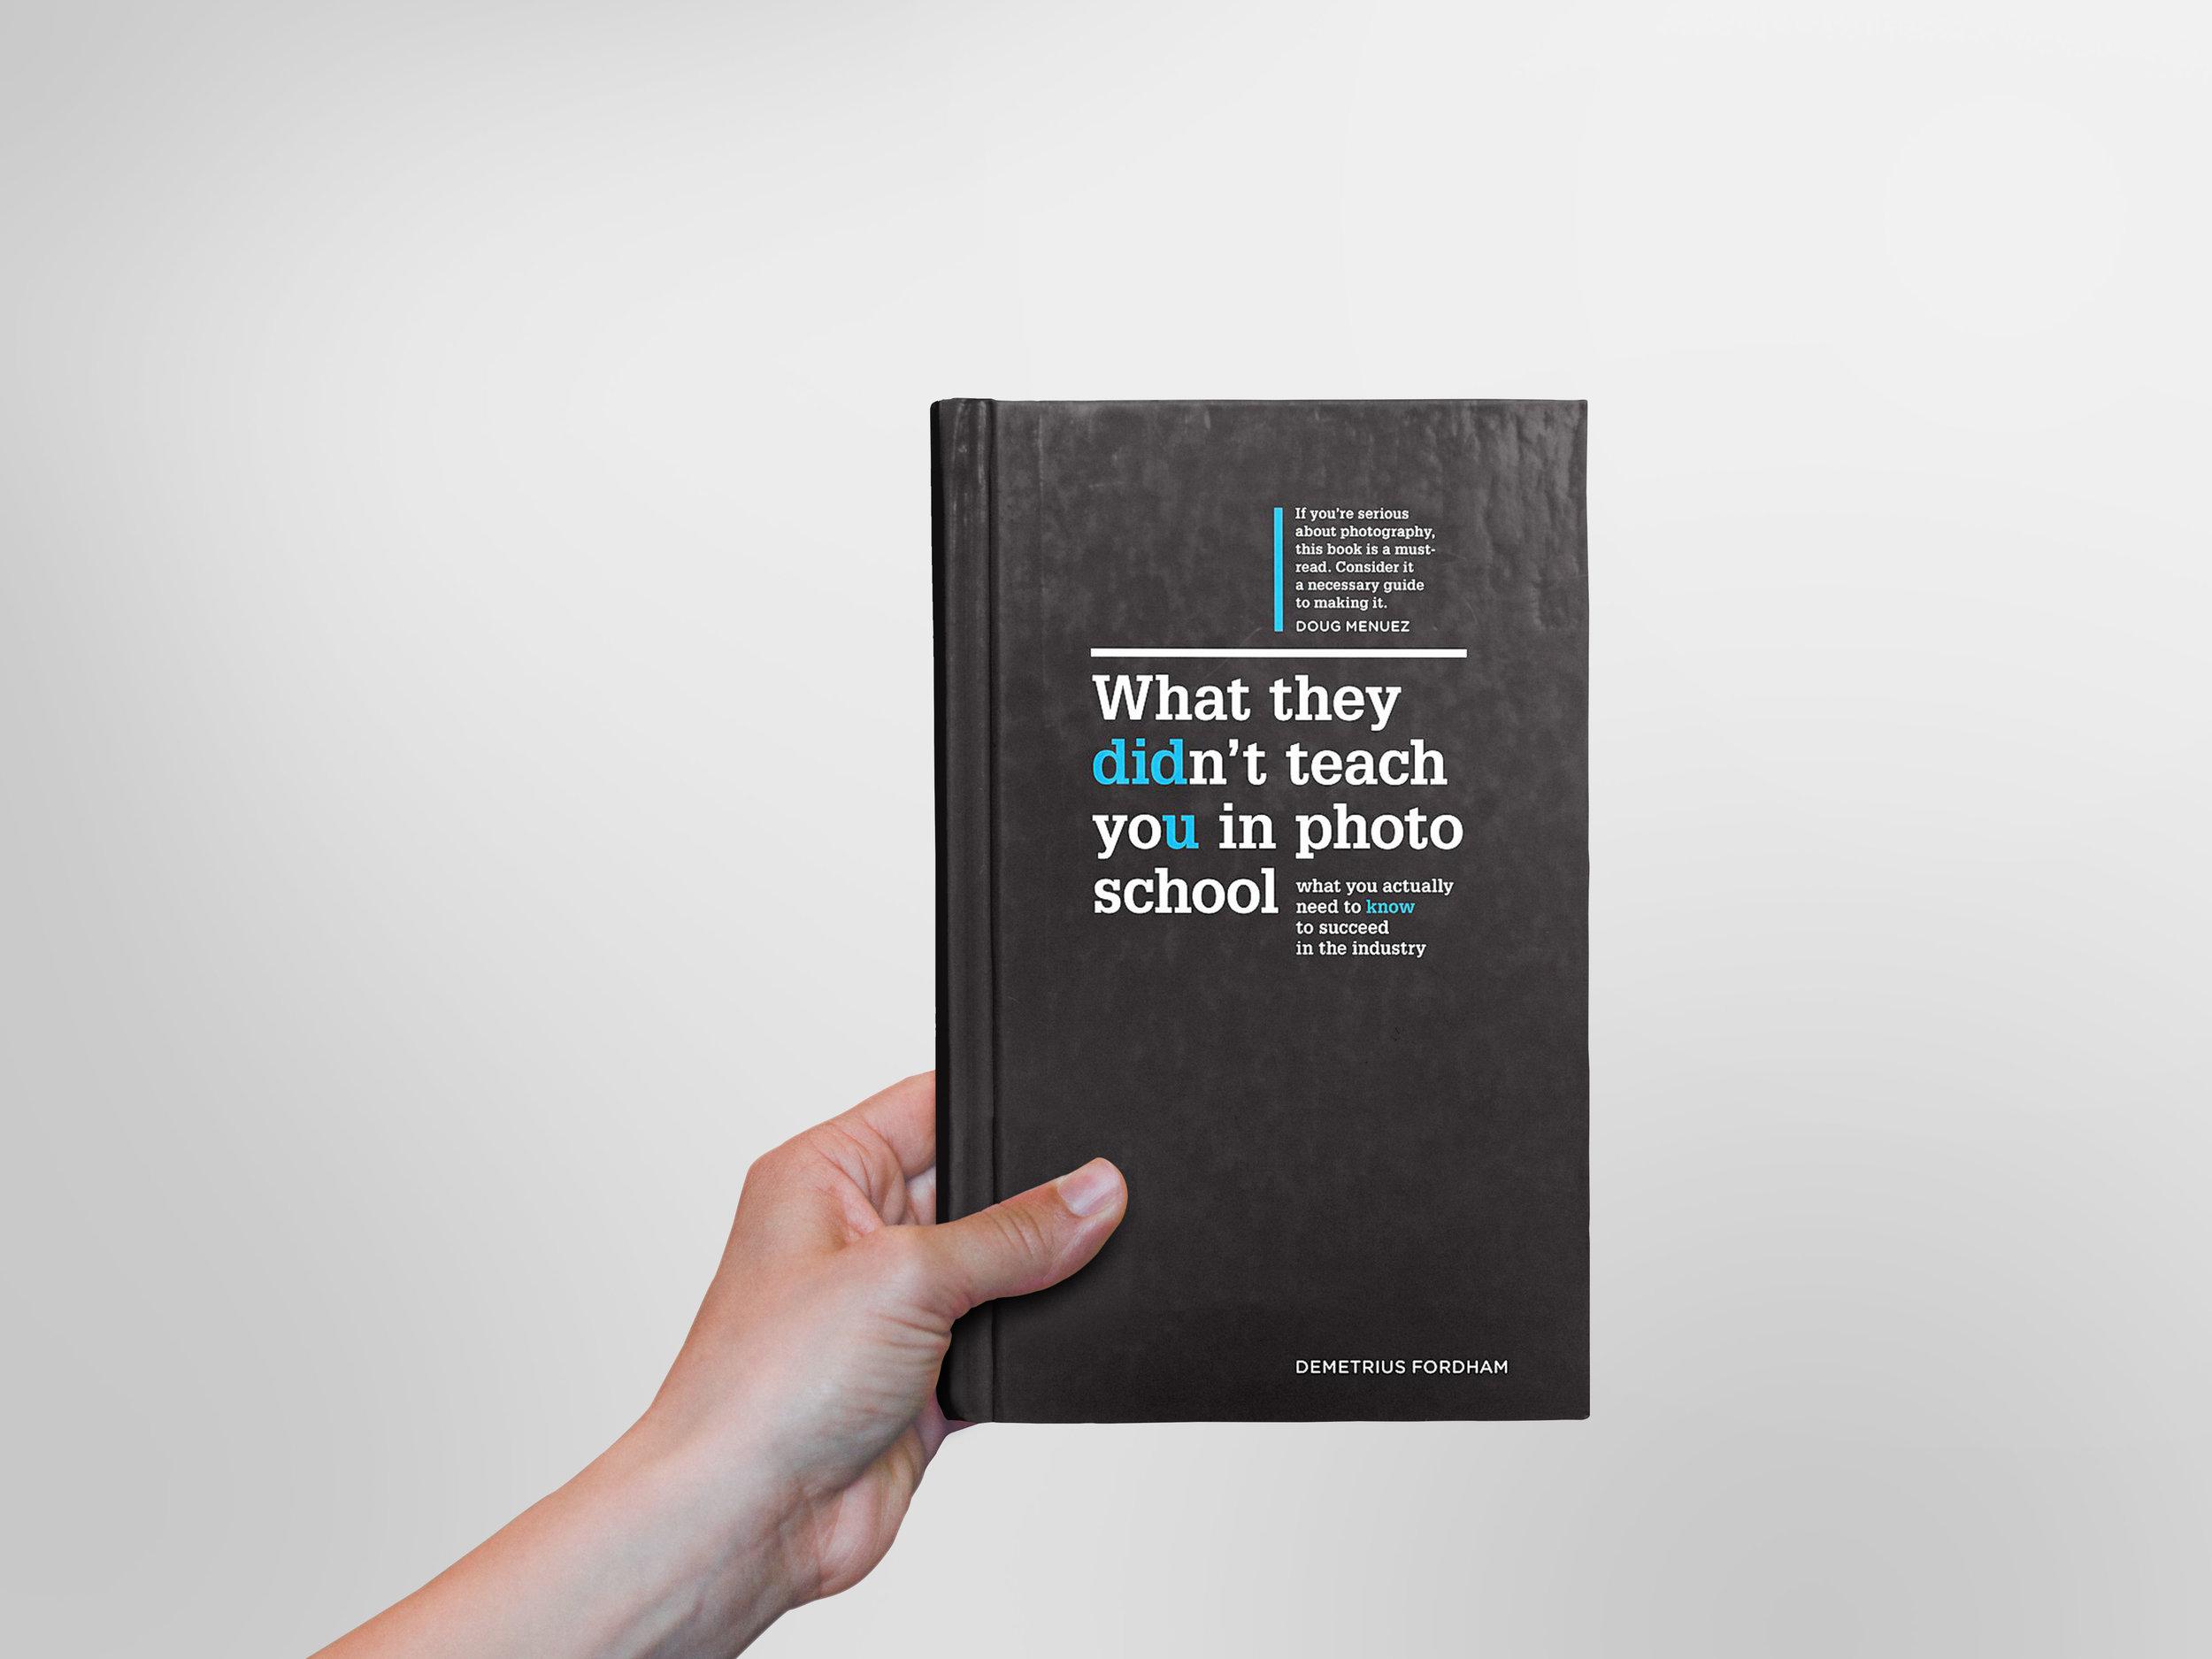 Hardcover-Book-Hand_v2.jpg